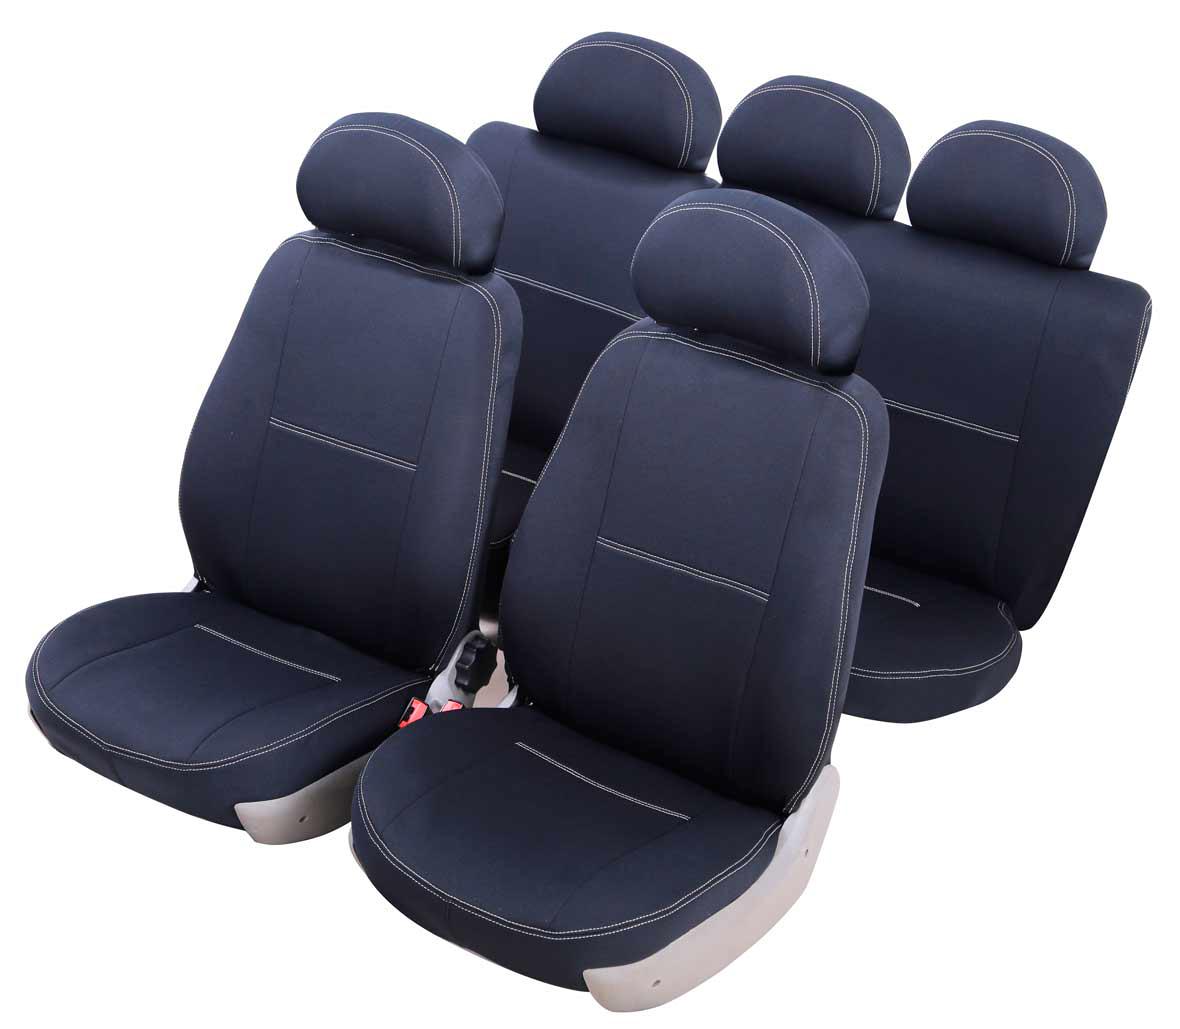 Чехол на автокресло Azard Standard, для Chevrolet Lacetti (2004-2013 гг)A4010121Модельные чехлы из полиэстера Azard Standard. Разработаны в РФ индивидуально для каждого автомобиля. Чехлы Azard Standard серийно выпускаются на собственном швейном производстве в России. Чехлы идеально повторяют штатную форму сидений и выглядят как оригинальная обивка сидений. Для простоты установки используется липучка Velcro, учтены все технологические отверстия. Чехлы сохраняют полную функциональность салона – трасформация сидений, возможность установки детских кресел ISOFIX, не препятствуют работе подушек безопасности AIRBAG и подогрева сидений. Дизайн чехлов Azard Standard приближен к оригинальной обивке салона. Декоративная контрастная прострочка по периметру авточехлов придает стильный и изысканный внешний вид интерьеру автомобиля. Чехлы Azard Standard изготовлены из полиэстера, триплированного огнеупорным поролоном толщиной 3 мм, за счет чего чехол приобретает дополнительную мягкость. Подложка из спандбонда сохраняет свойства поролона и предотвращает его разрушение....